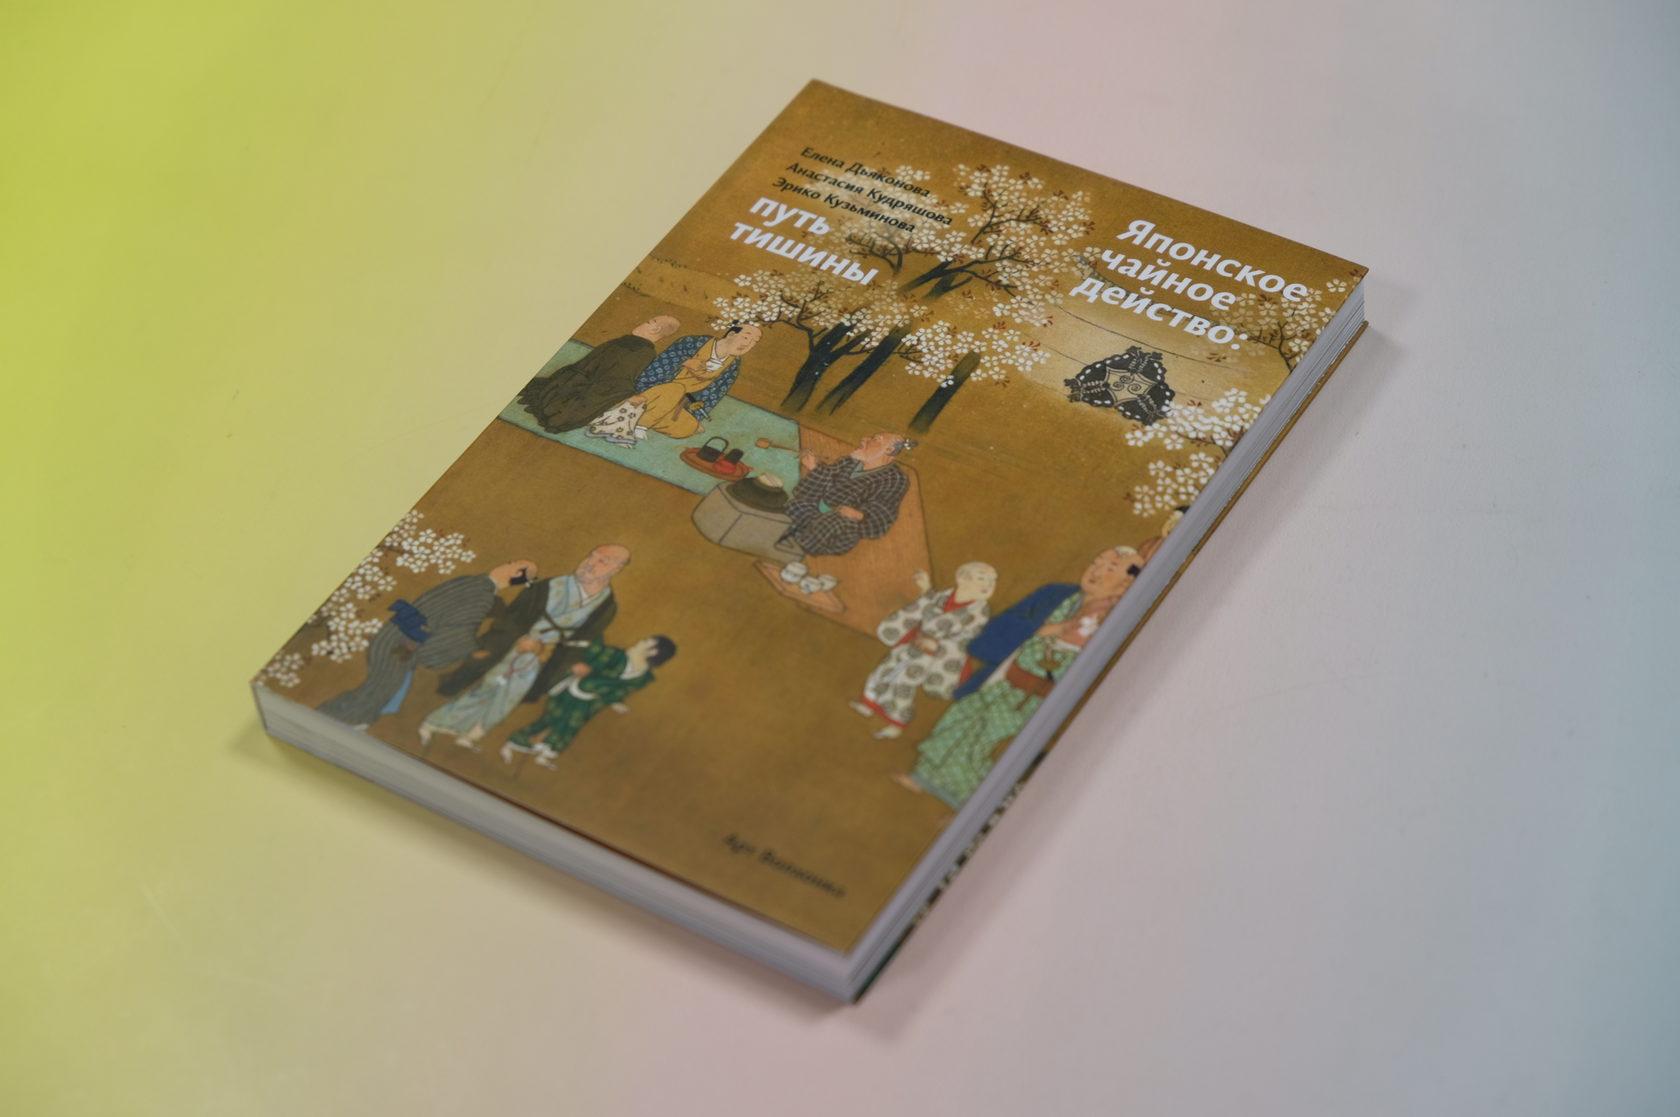 Купить книгу «Японское чайное действо: путь тишины»